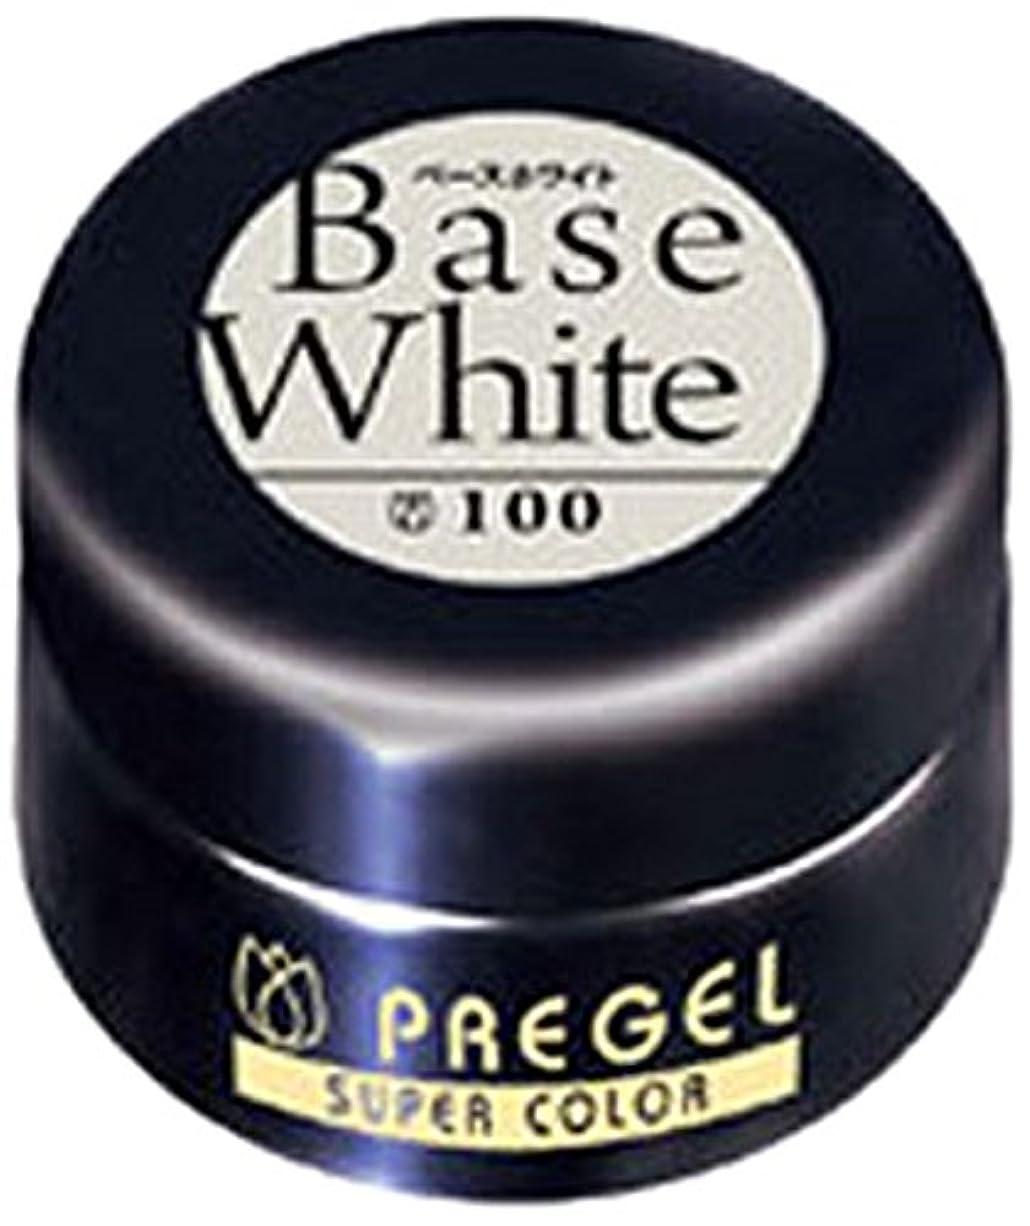 センサー化粧戦いプリジェル スーパーカラーEX ベースホワイト 4g PG-SE100 カラージェル